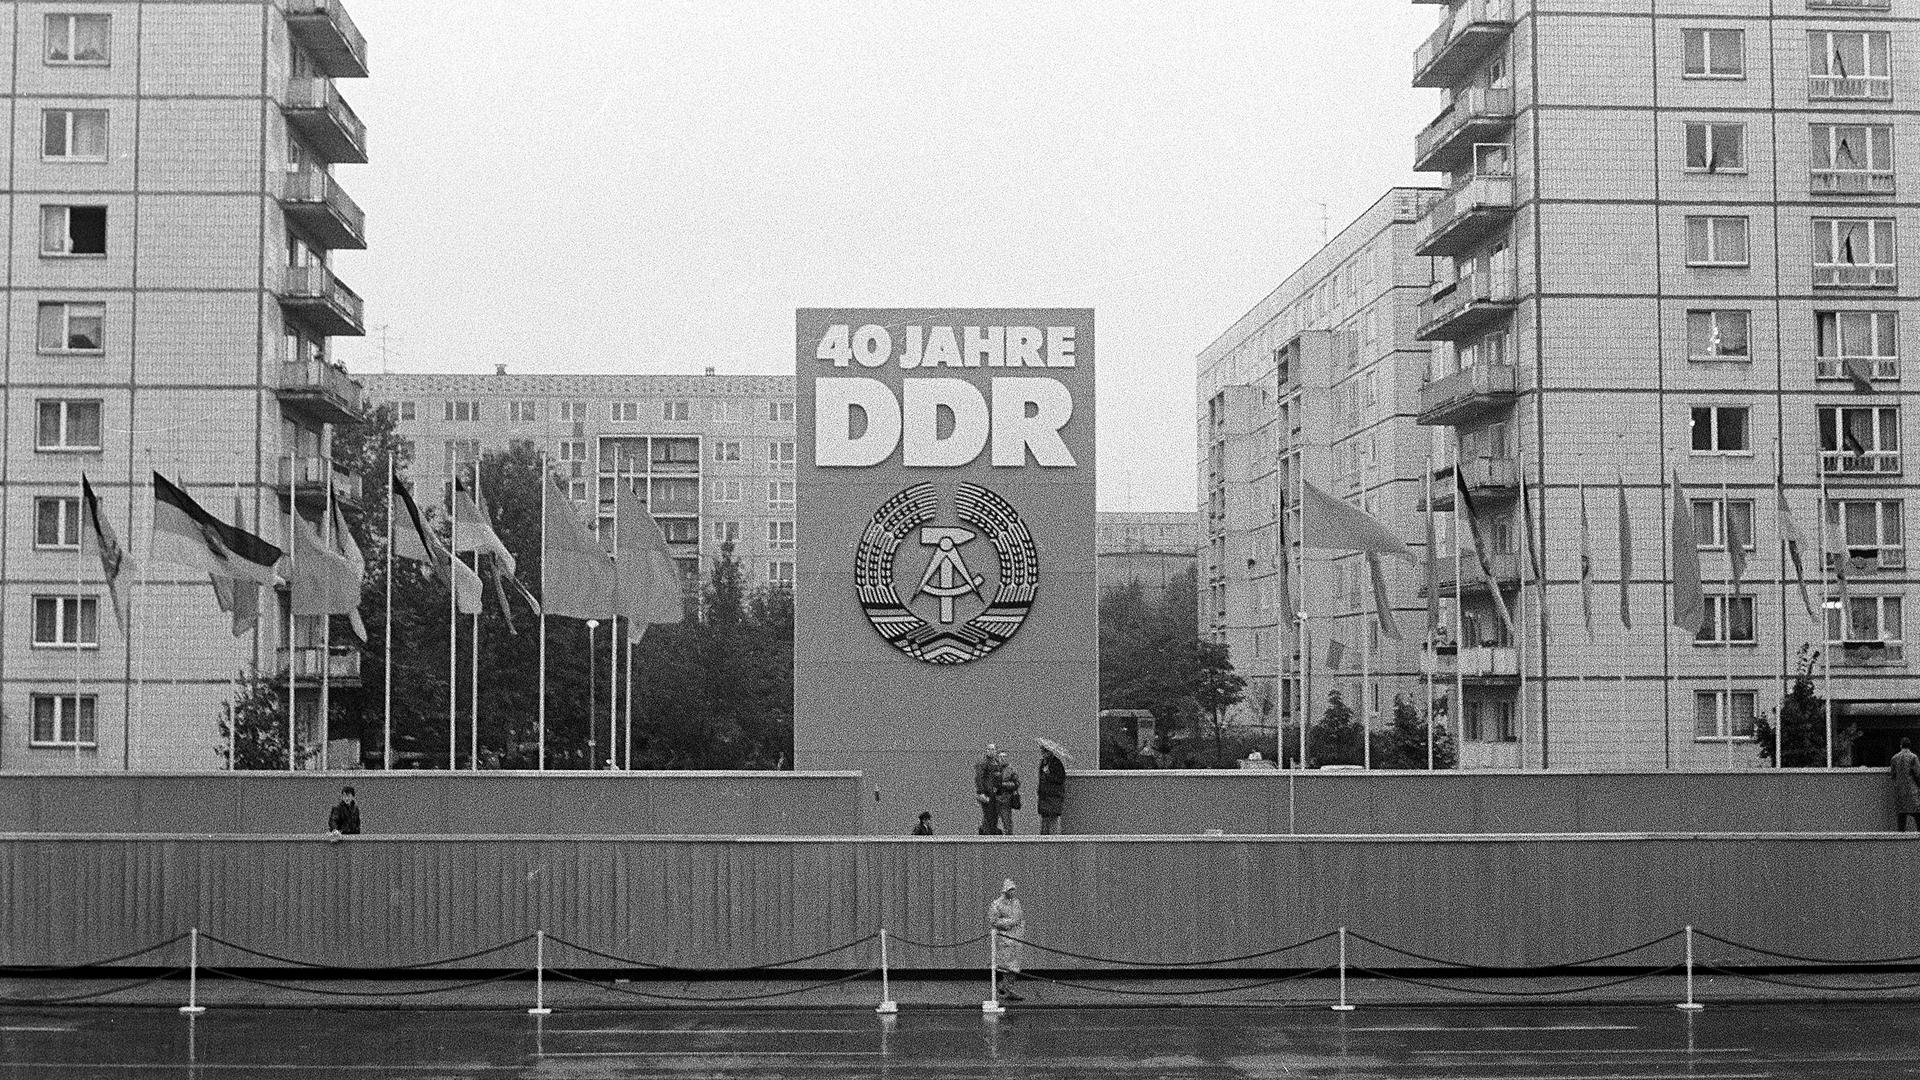 Bühnefürdie Feierlichkeitenzum40. Jahrestag derGründung derDDR am 7. Oktober1989